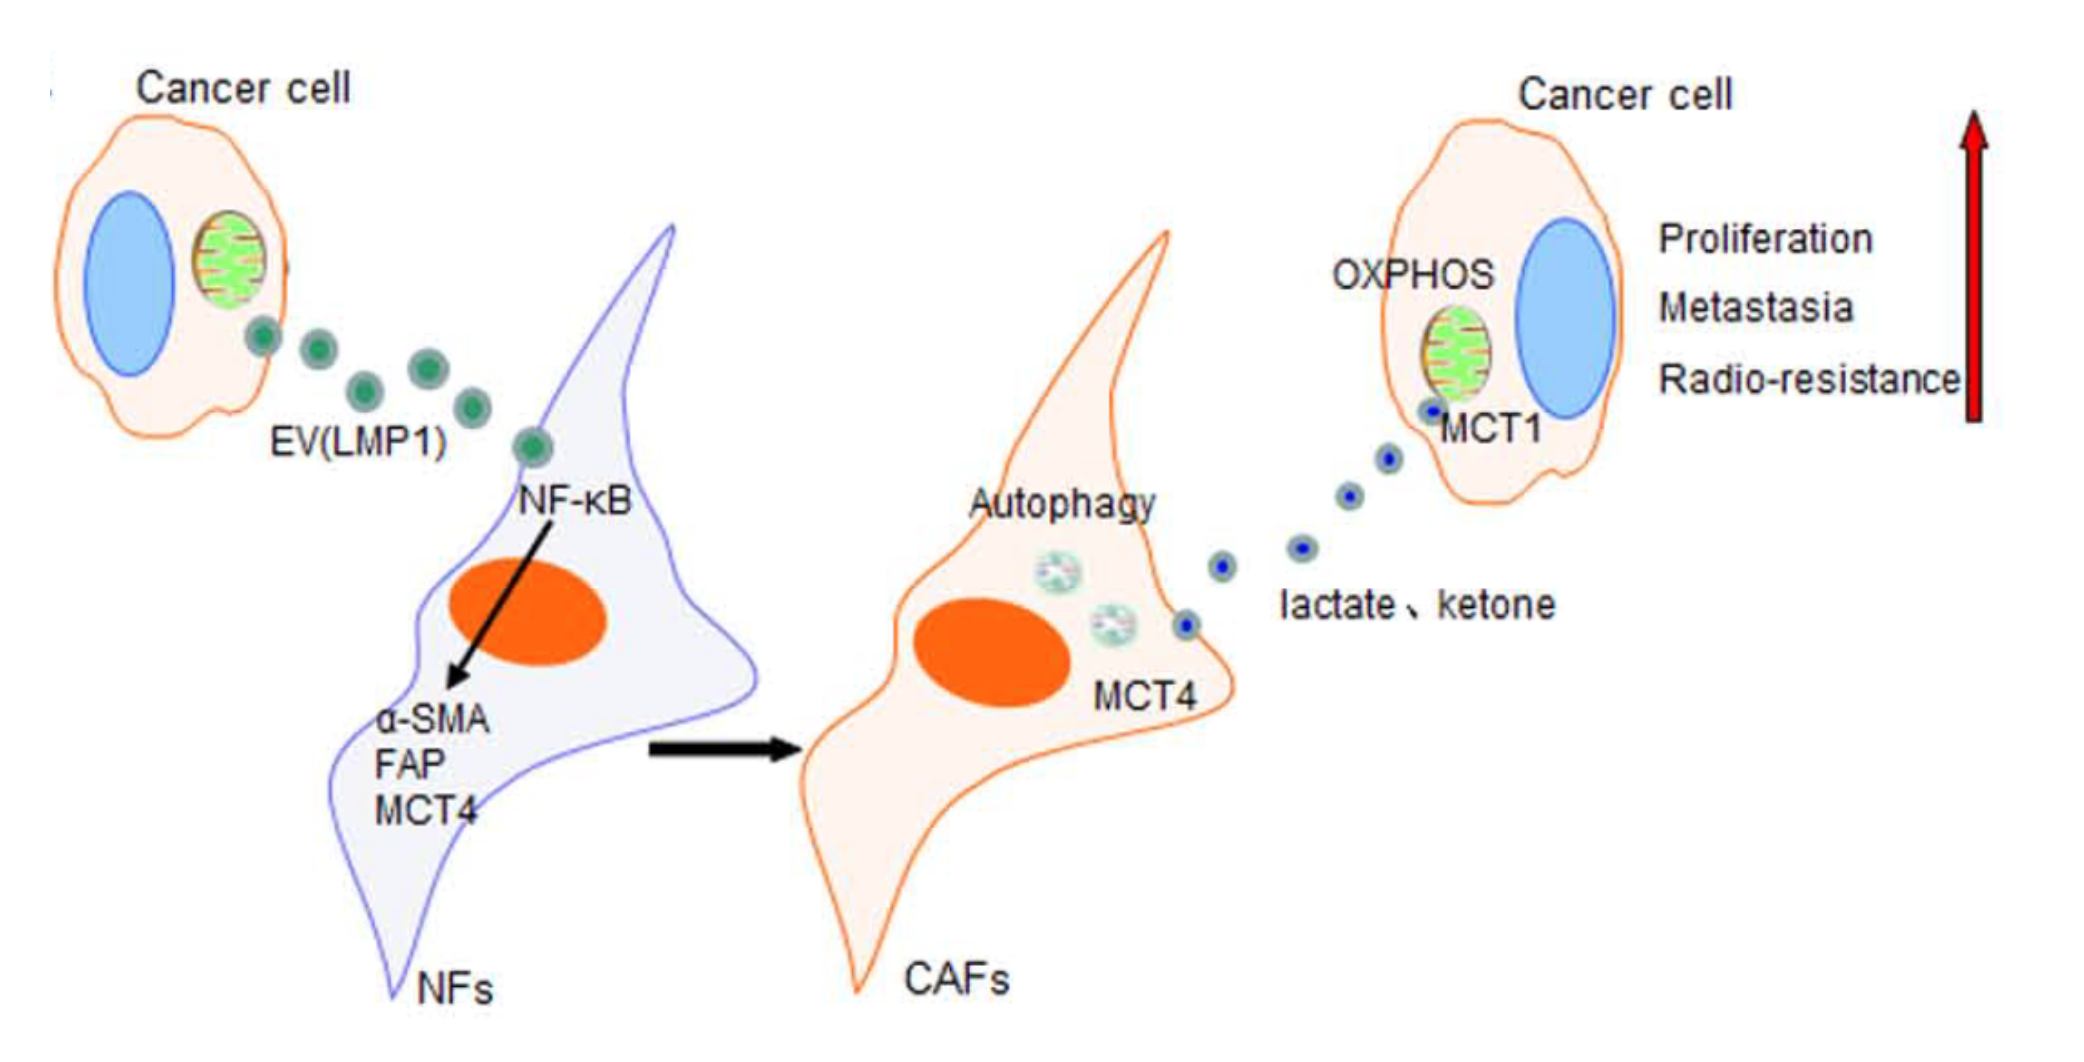 中南大学湘雅医院:细胞外囊泡包裹的LMP1激活成纤维细胞并改变肿瘤代谢促进鼻咽癌进展